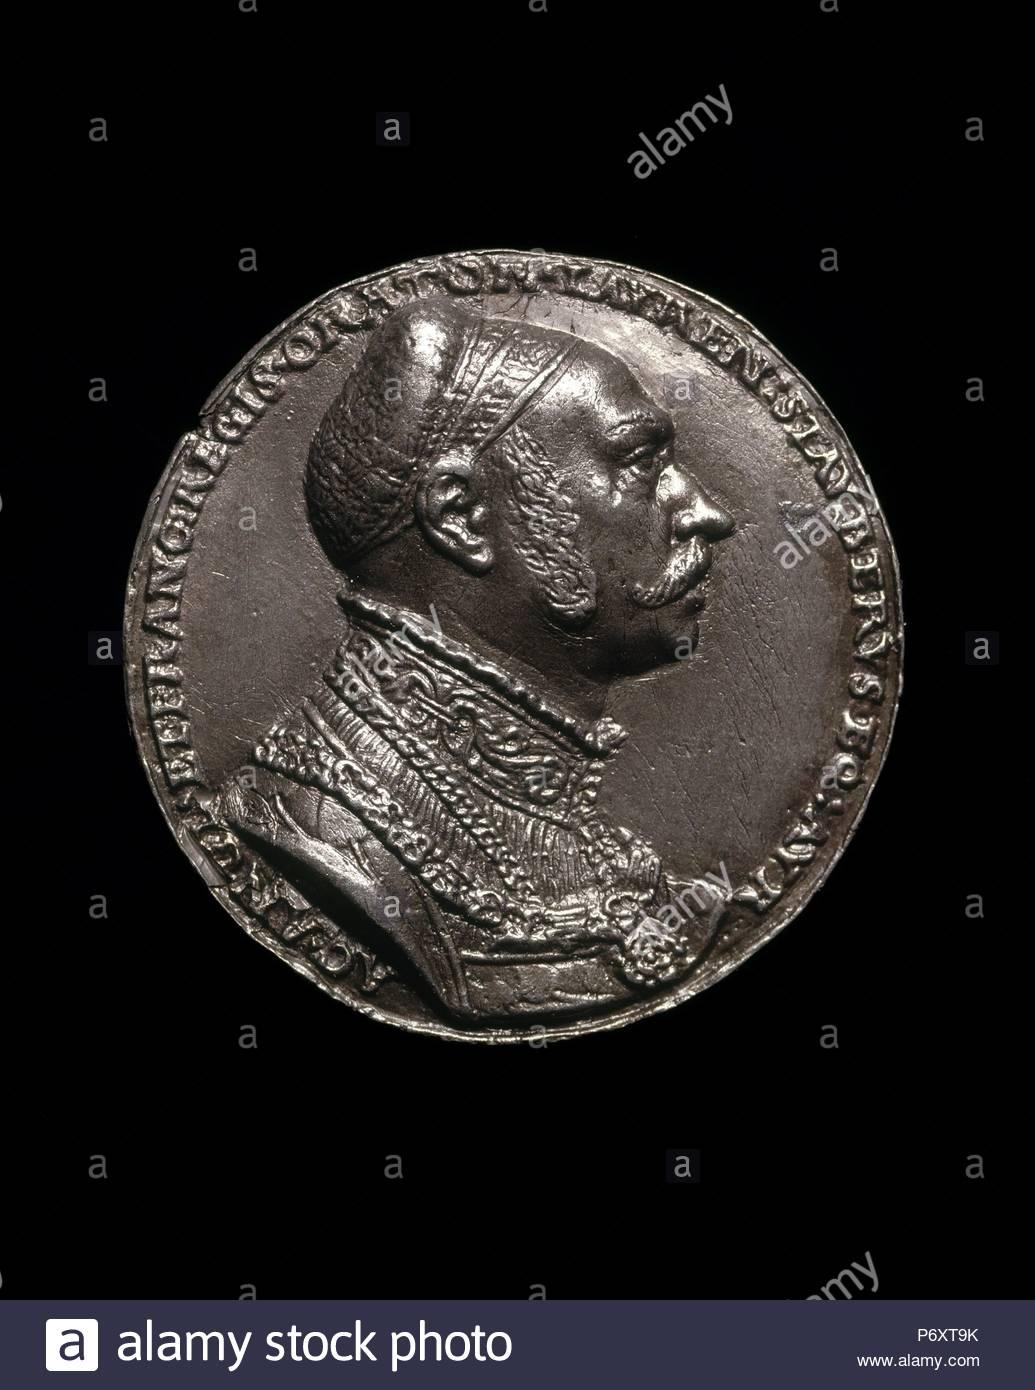 Matthes Gebel, Lorenz Staiber, 1485-1486-1539, German Writer and Orator [obverse], German, c. 1500 - 1574, 1535, lead. - Stock Image